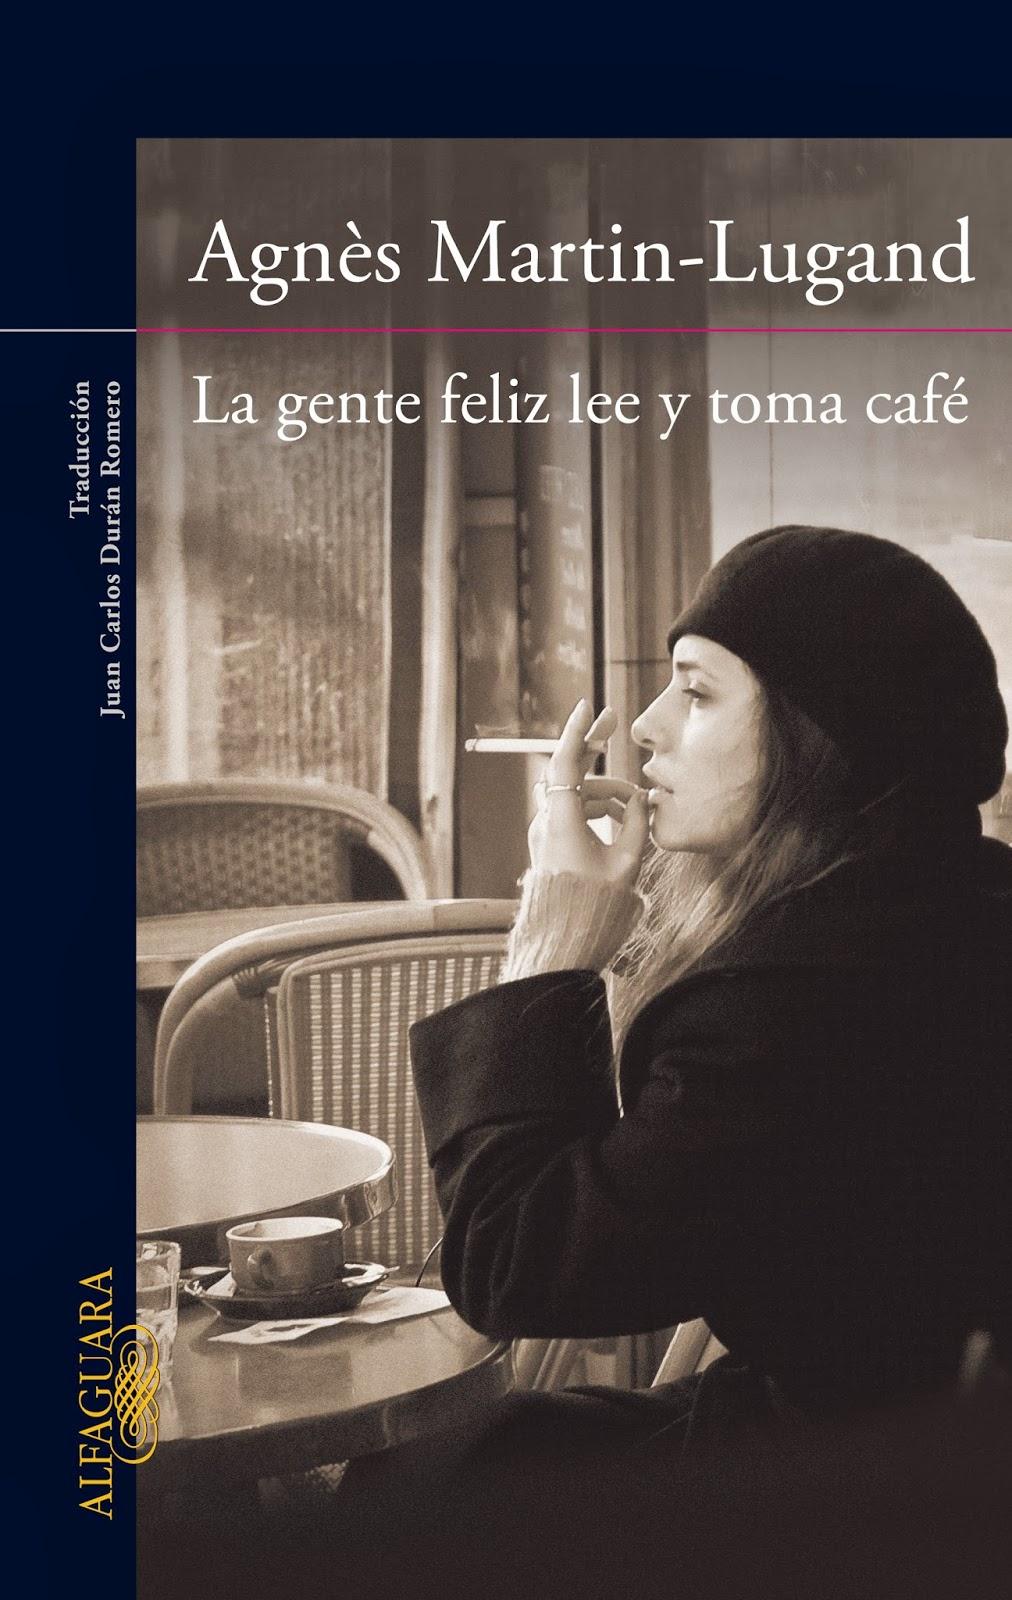 """Portada del libro """"La gente feliz lee y toma café"""", de Agnès Martin-Lugand"""